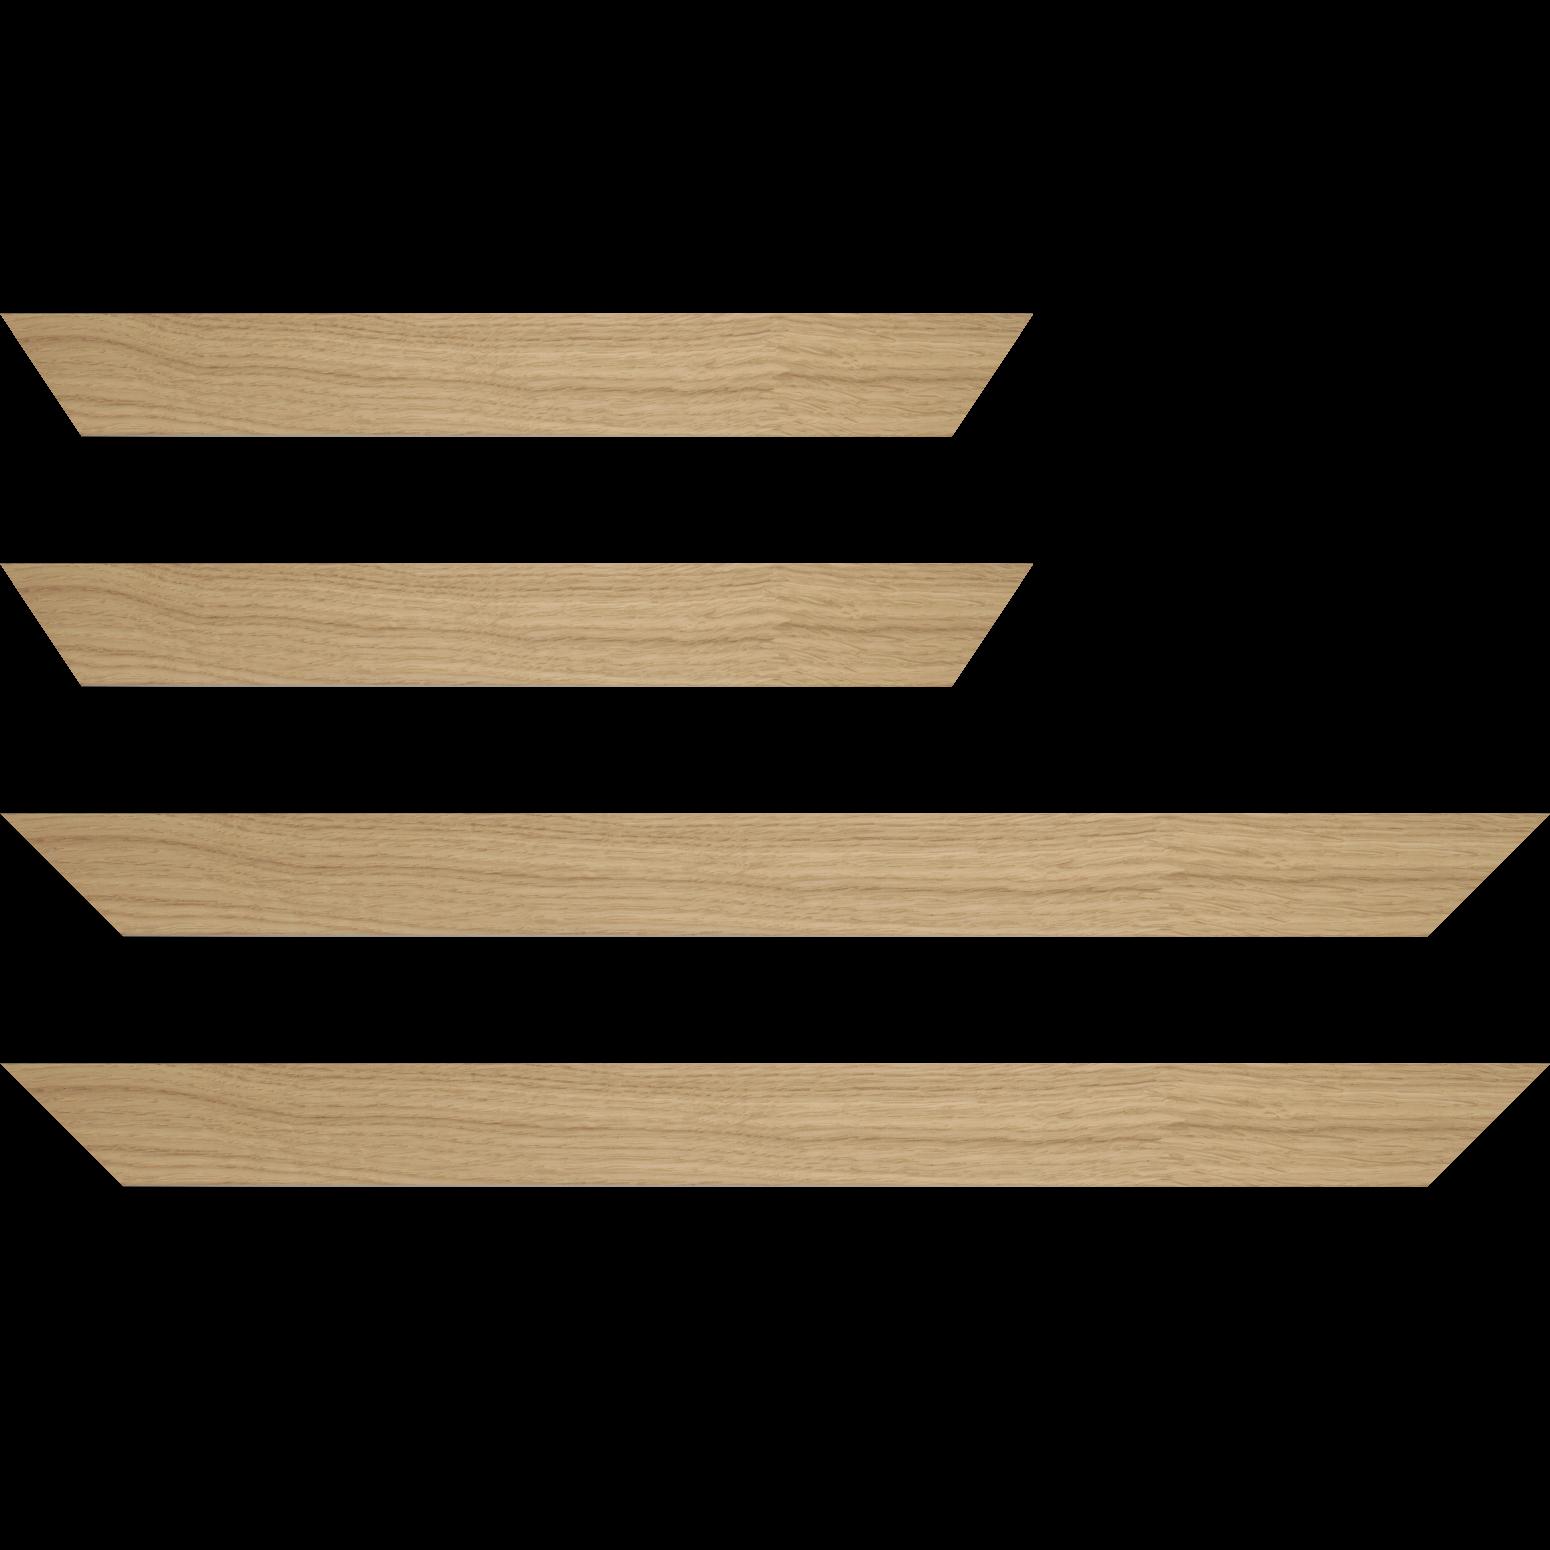 Baguette service précoupé Bois profil plat largeur 4cm plaquage haut de gamme chêne naturel